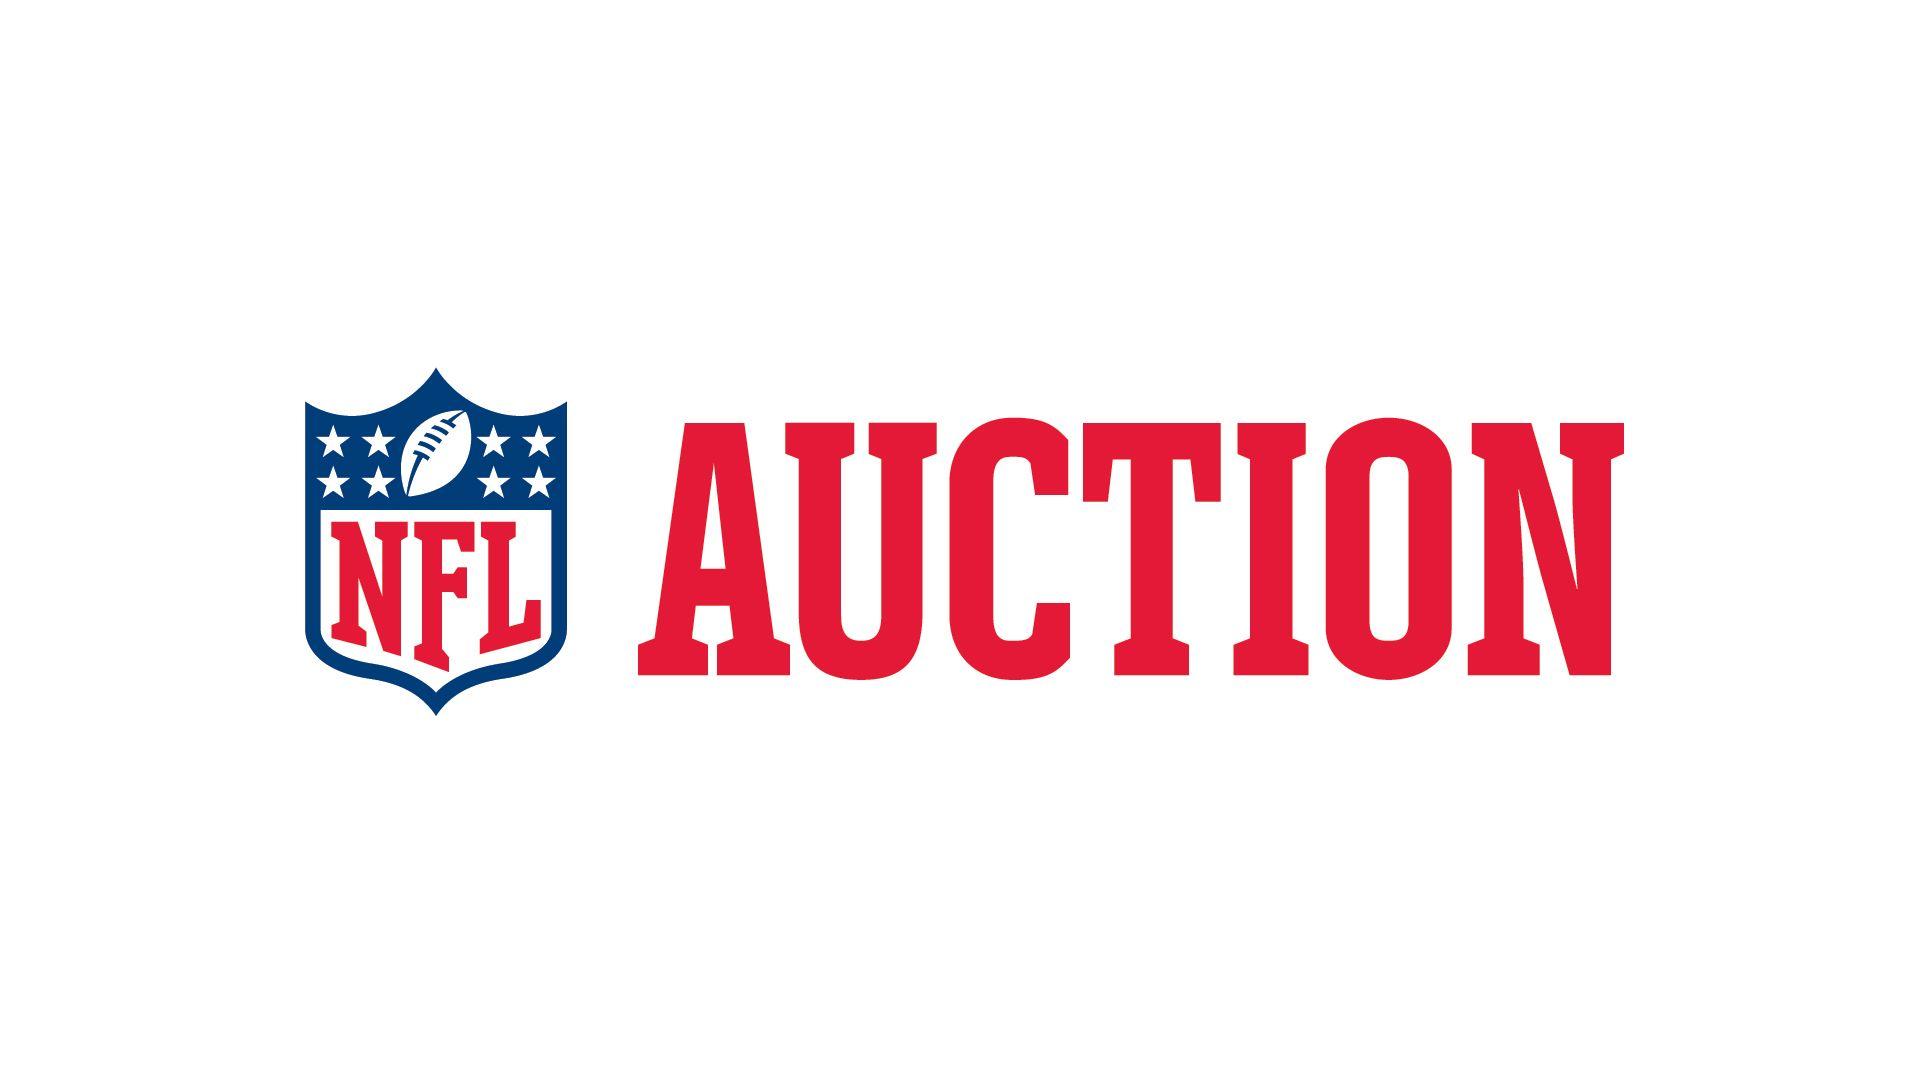 NFL Auction